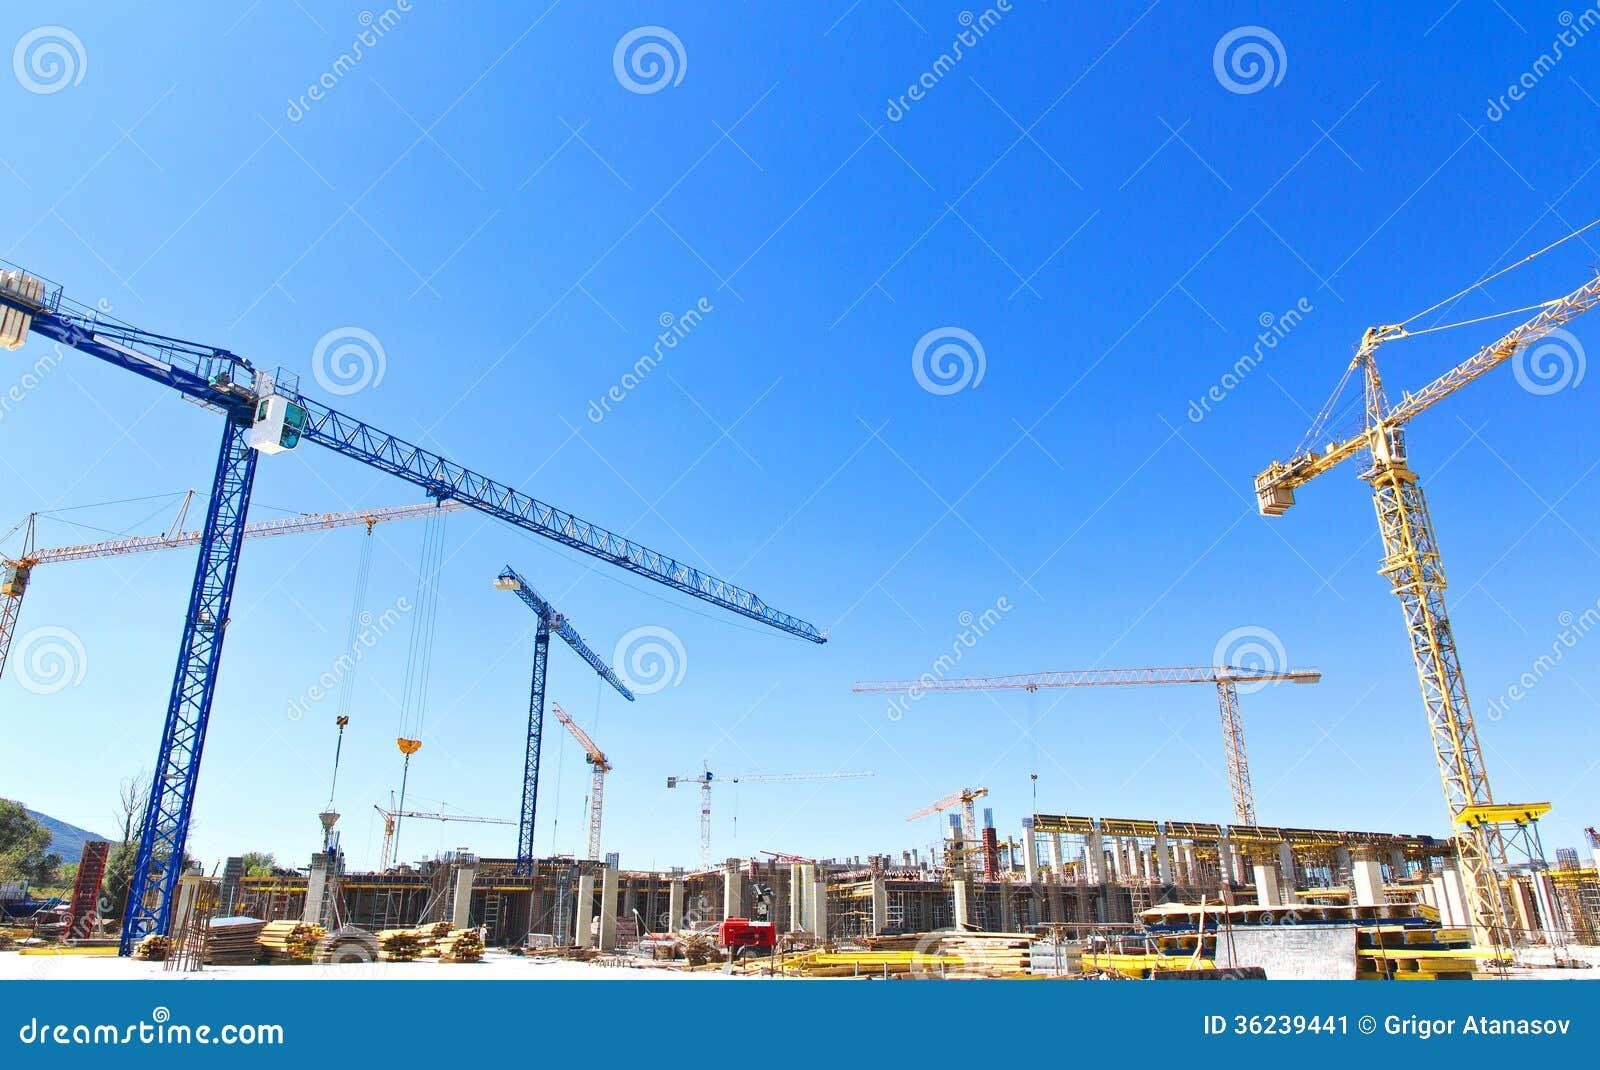 Grues de construction sur un chantier